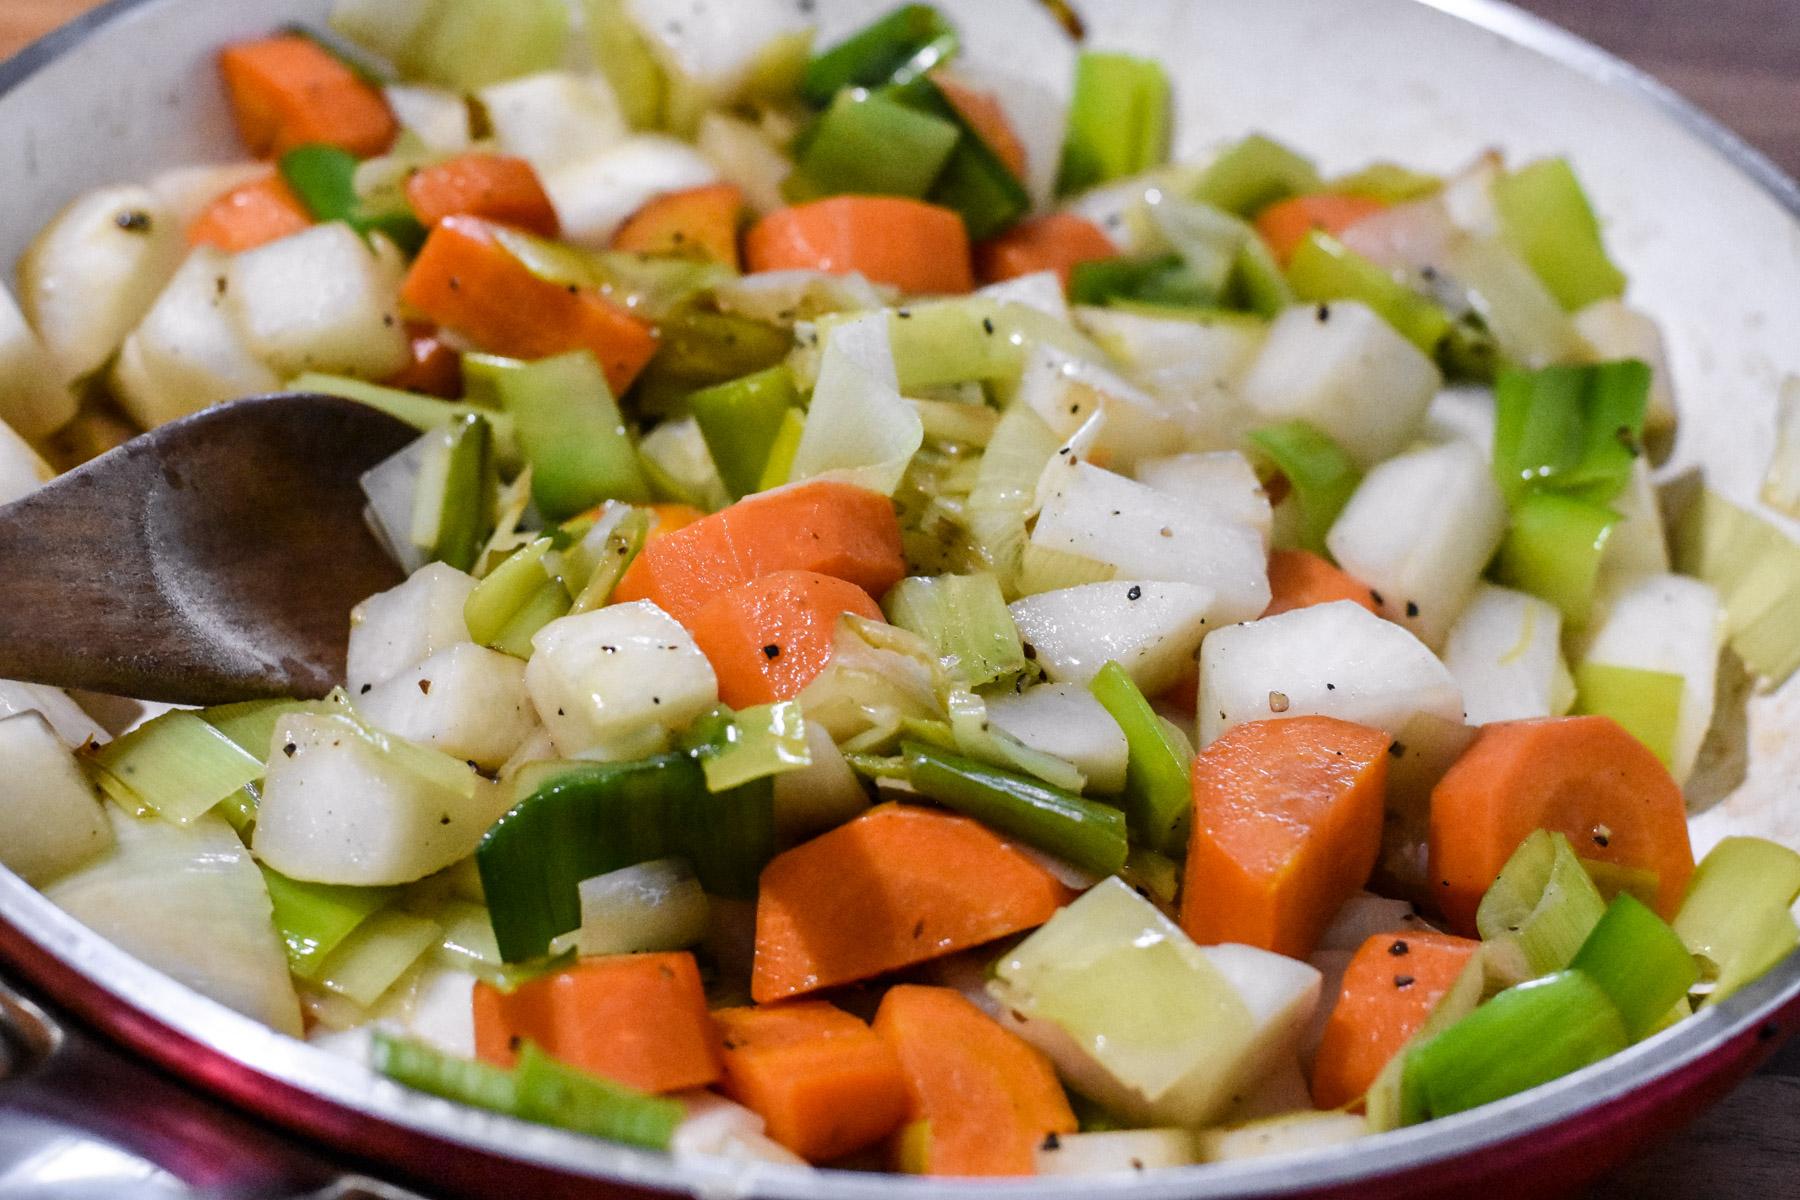 Garbure Soup - sautee vegetables in duck fat